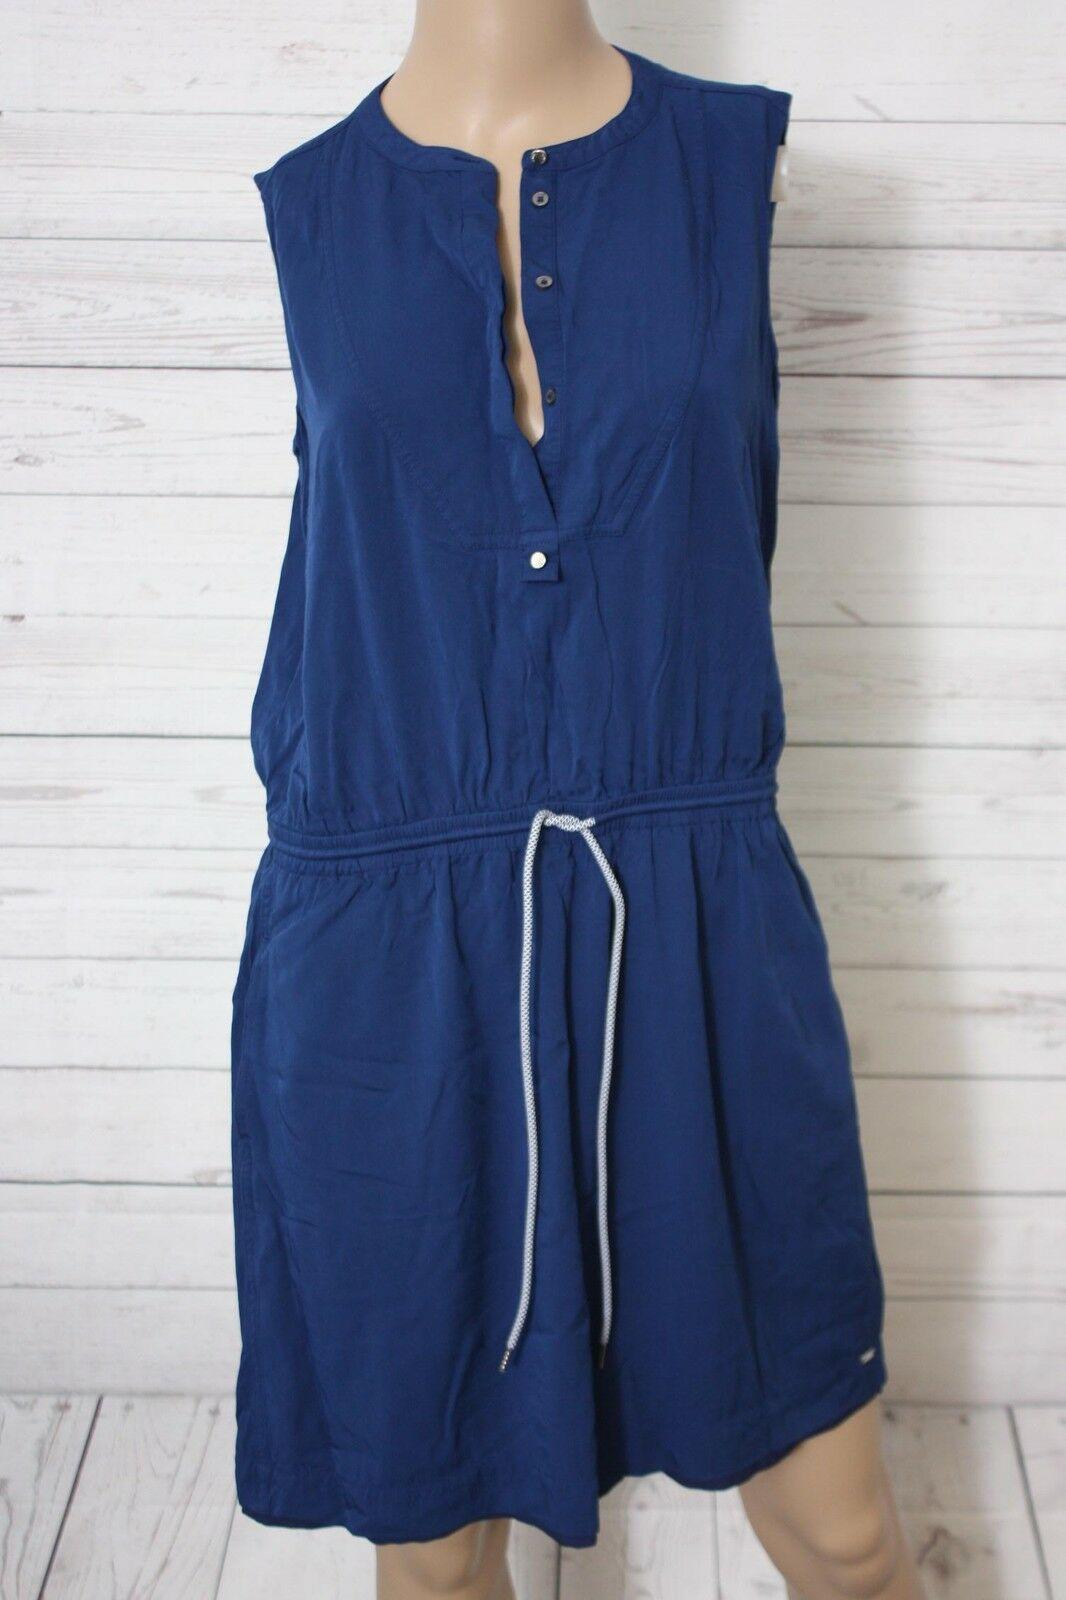 Tommy Hilfiger Damen Blusen Kleid Knielang Gr 38 Blusenkleid Ideen Von Blusenkleid Blusenkleid